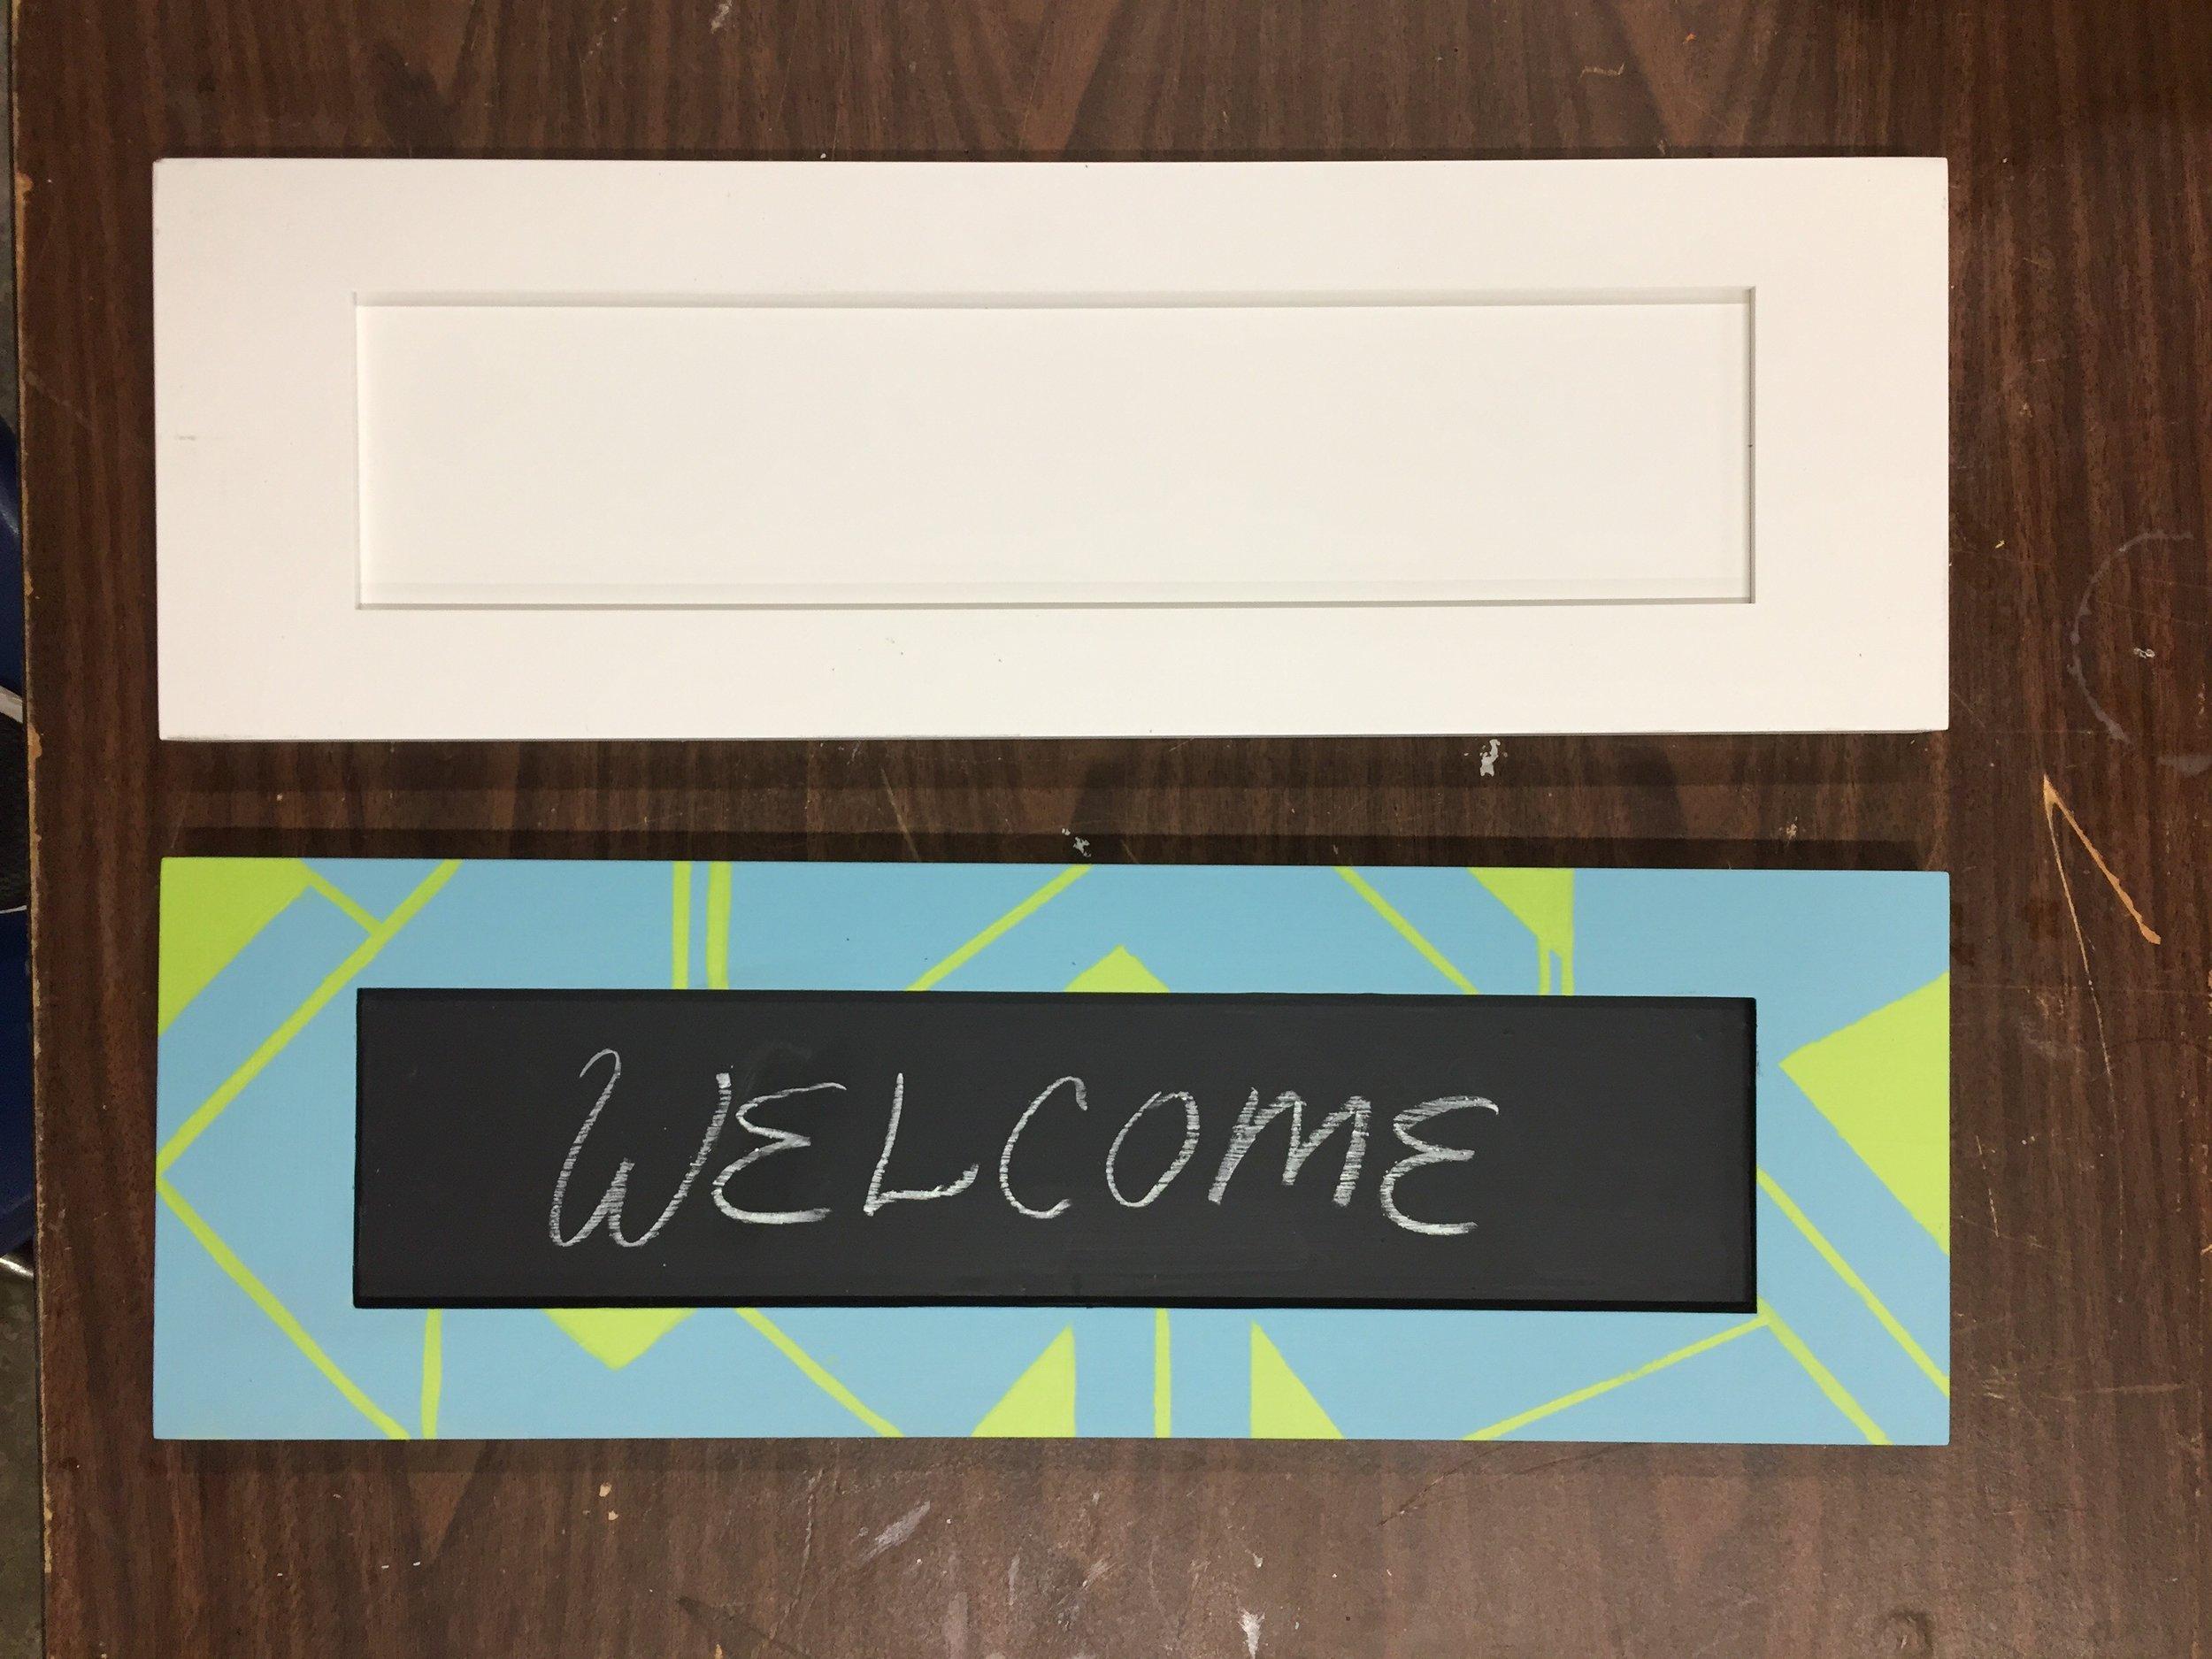 cabinet-door-to-chalkboard-1.jpg